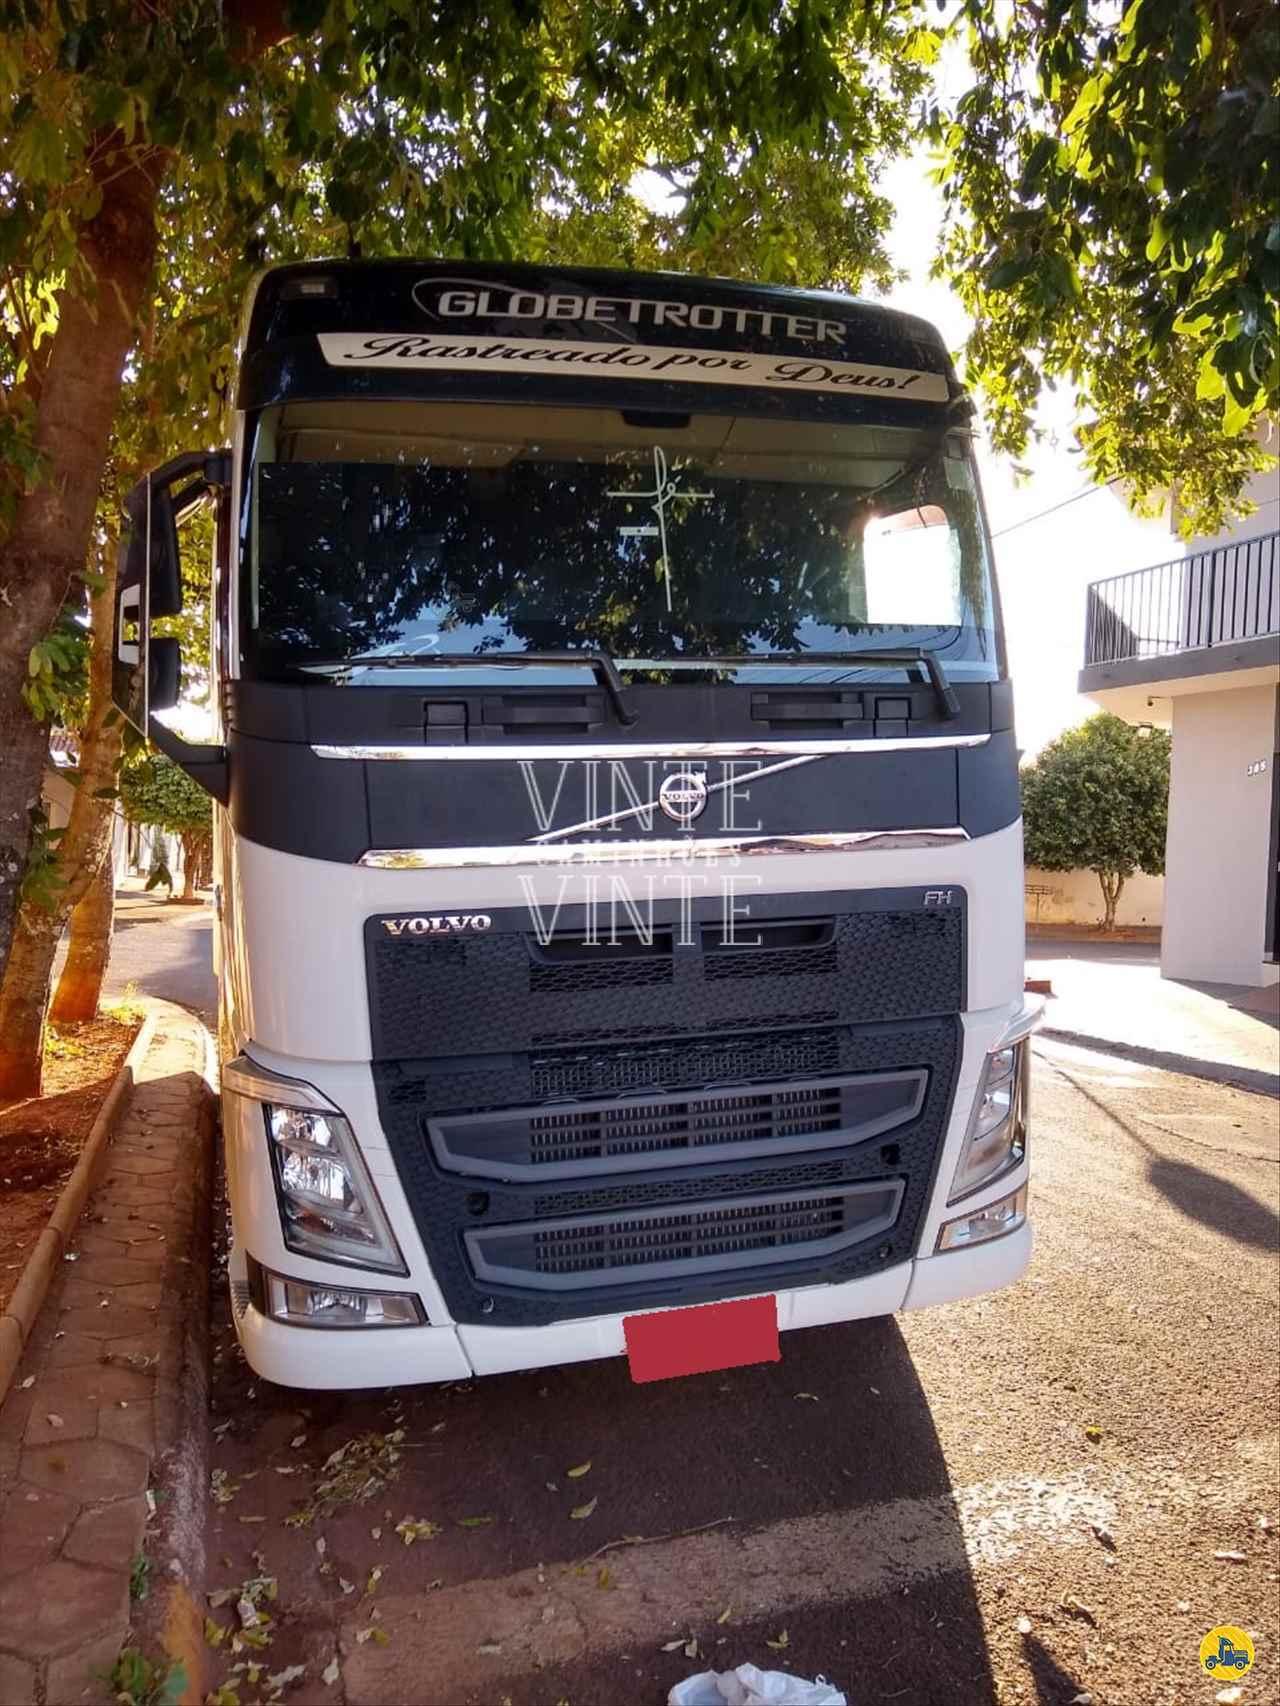 CAMINHAO VOLVO VOLVO FH 540 Cavalo Mecânico Traçado 6x4 Vinte-Vinte Caminhões SANTO ANDRE SÃO PAULO SP